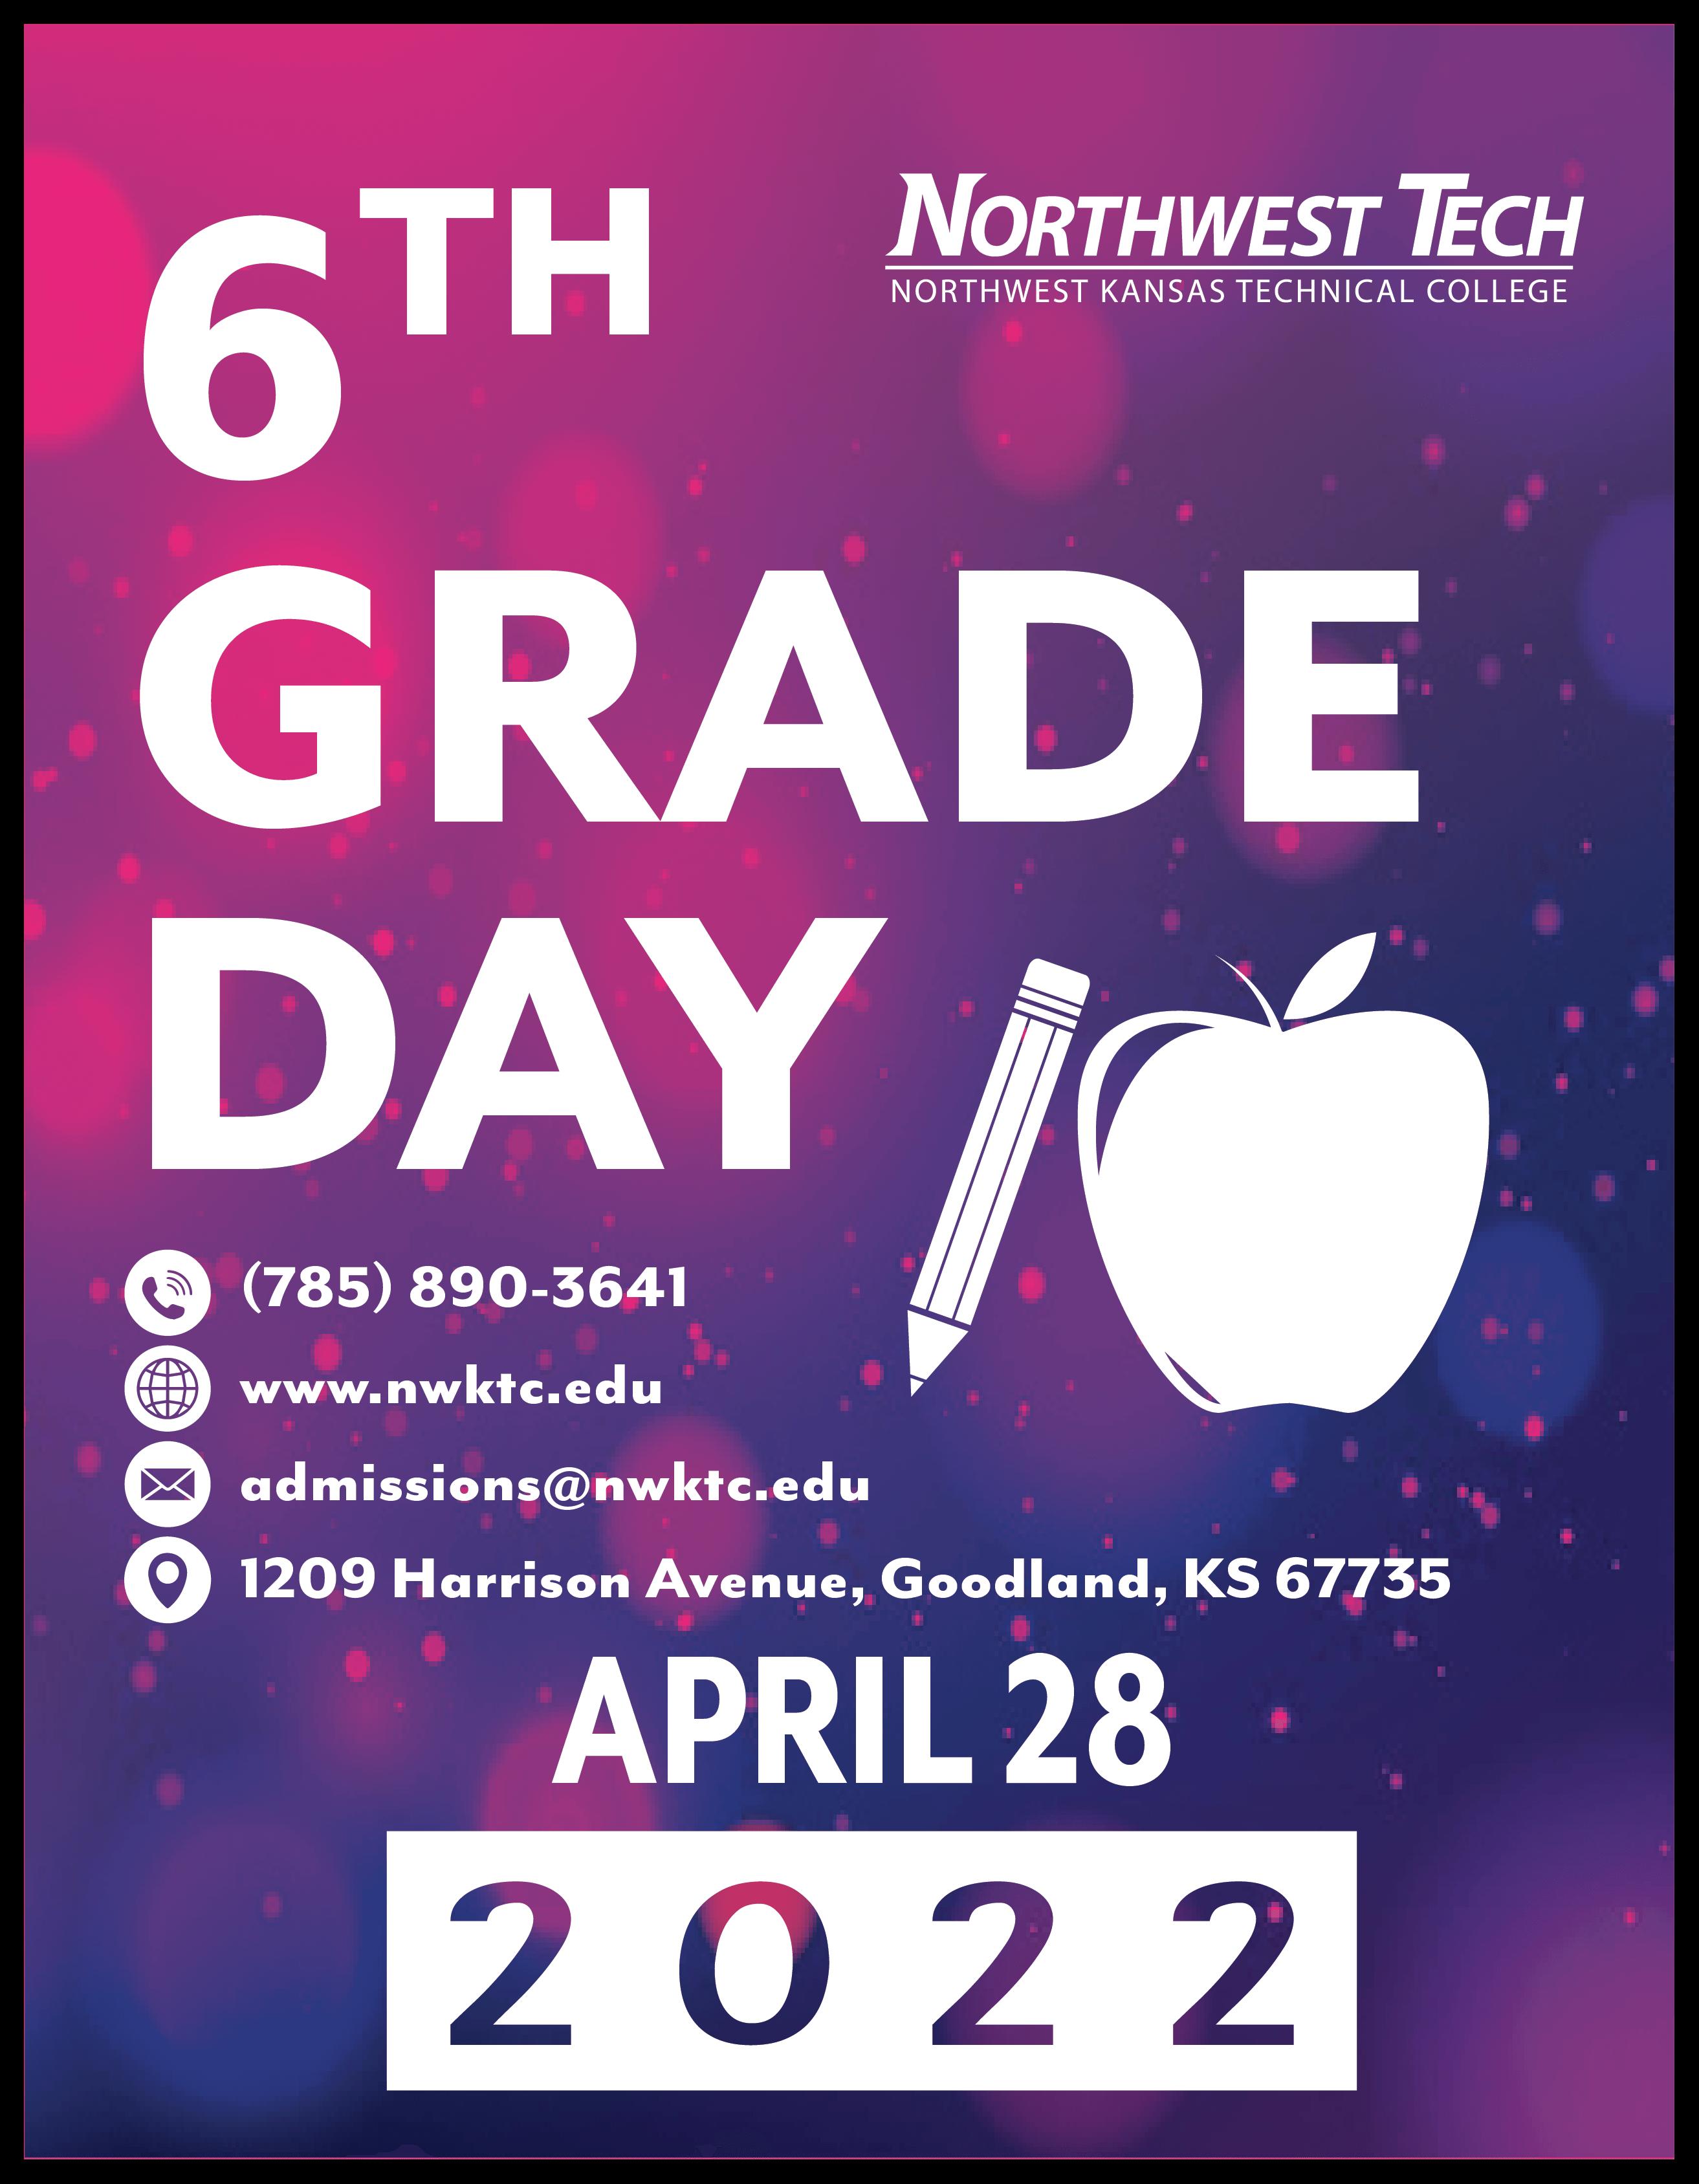 6th Grade Day